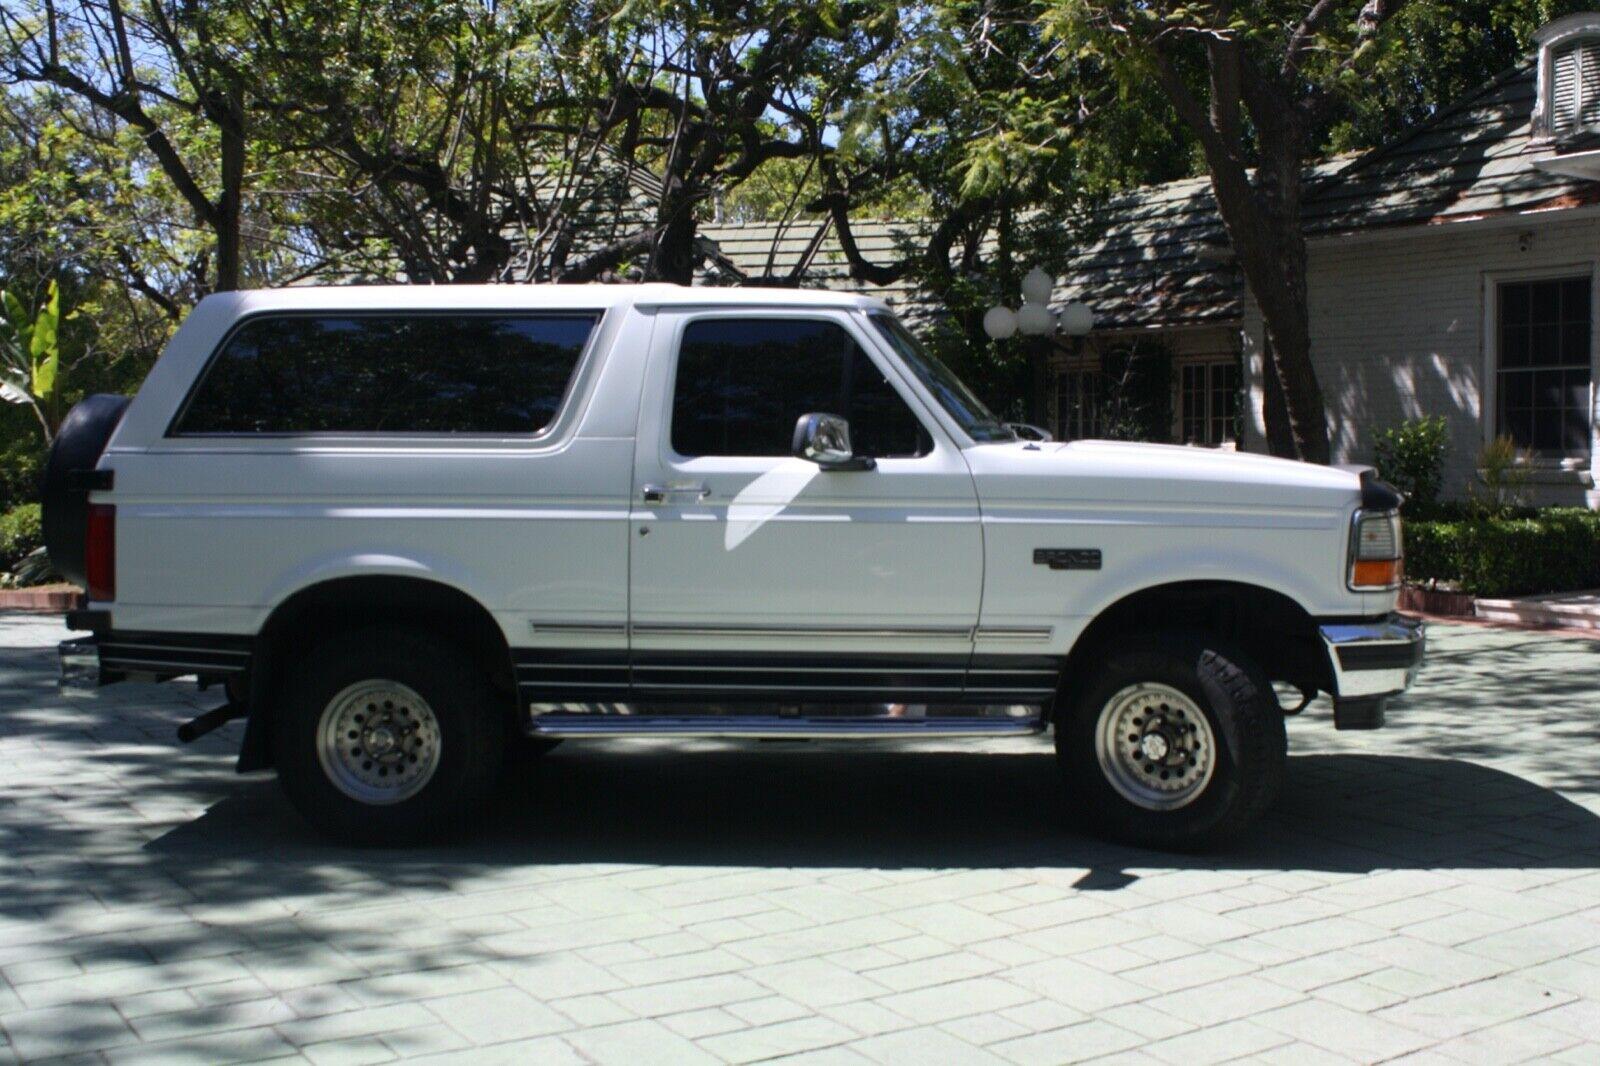 1 Owner 1993 Ford Bronco 351 5.8l V8 XLT